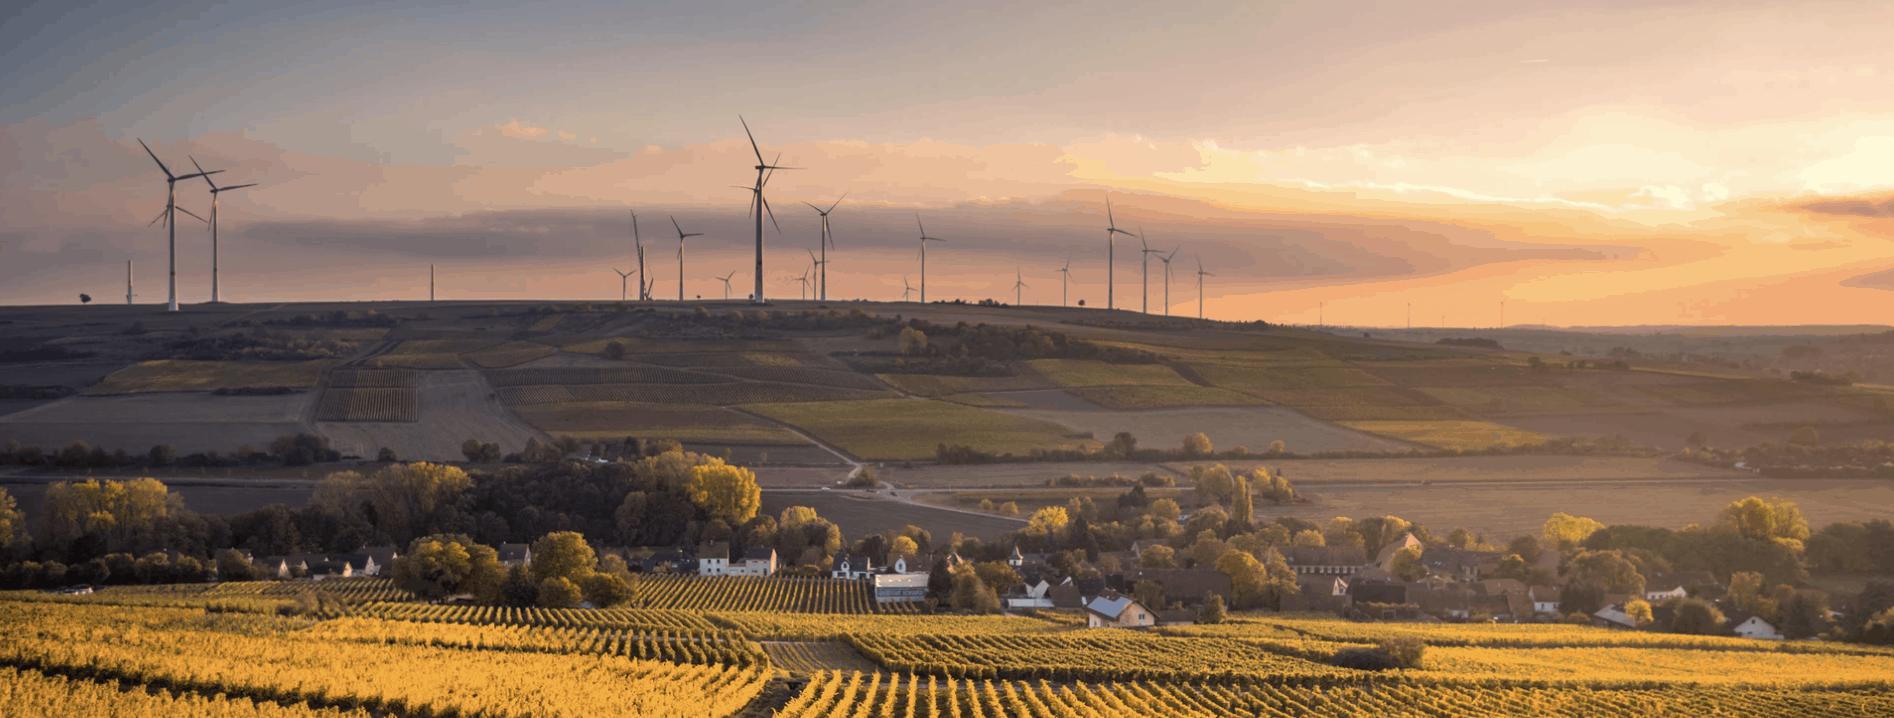 verzeichnis erneuerbare energien investoren europa